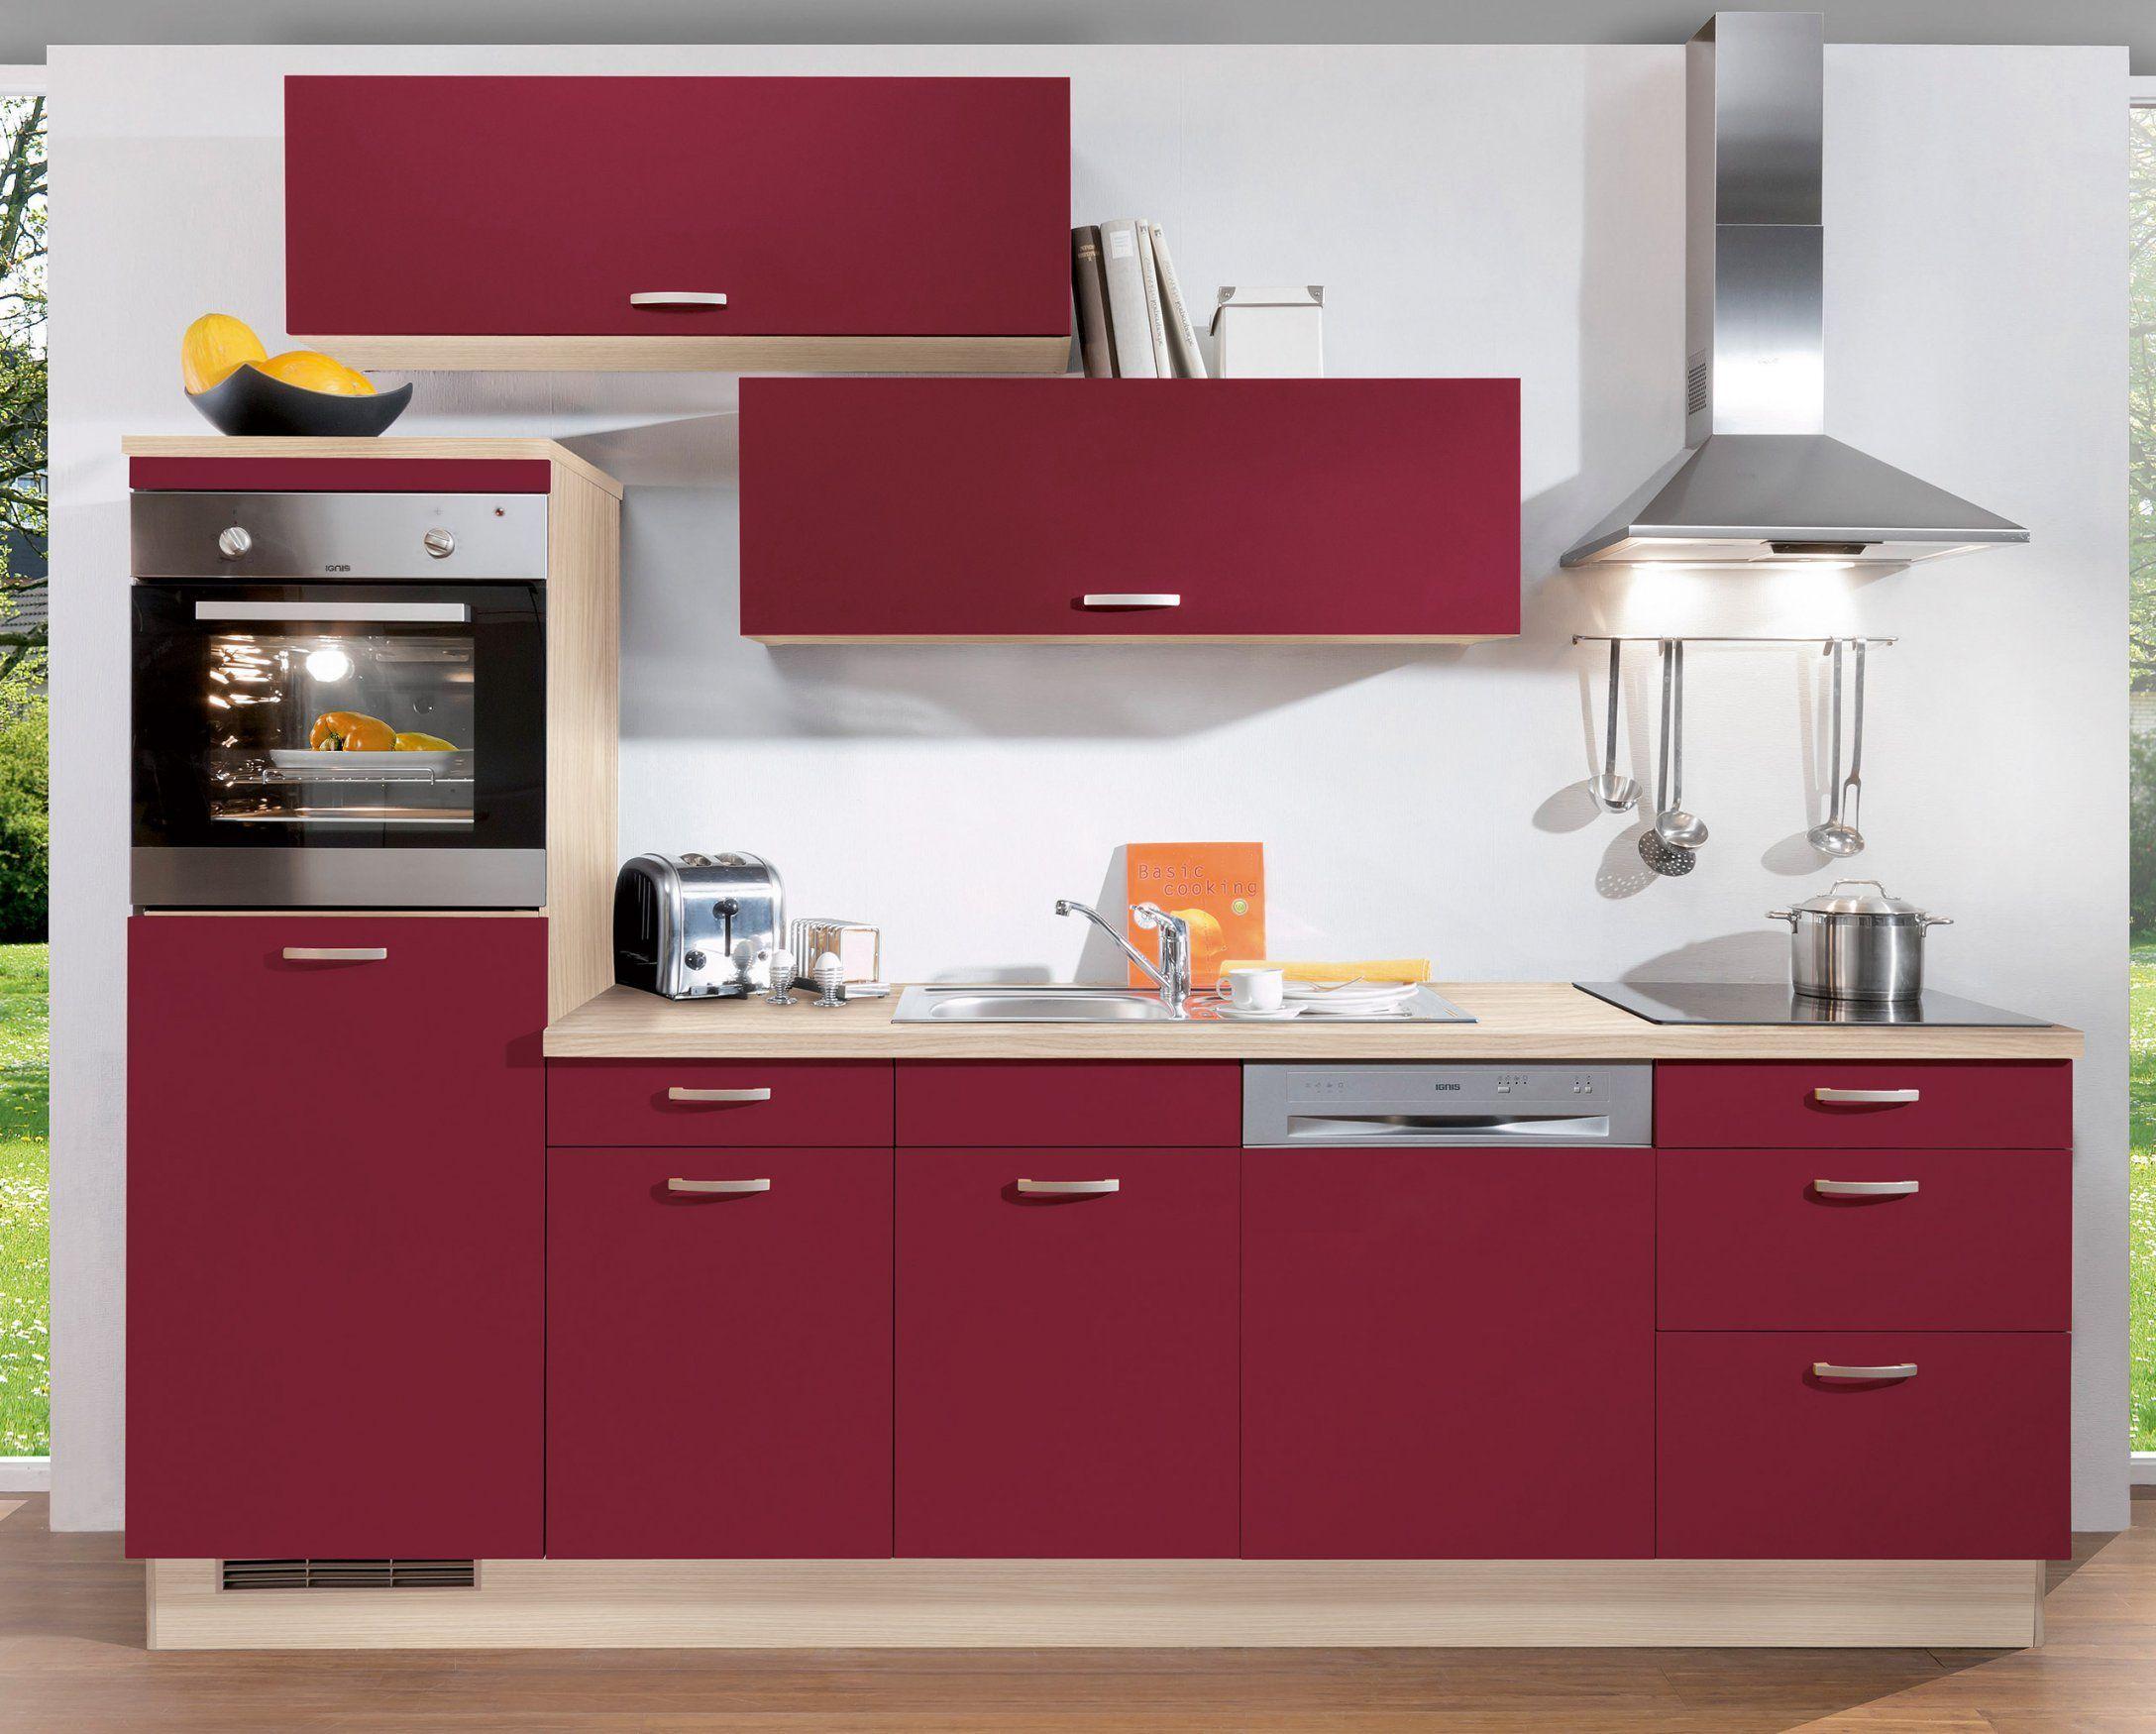 Komplett Küchen Mit Elektrogeräten Günstig Kaufen Kuche Geraten